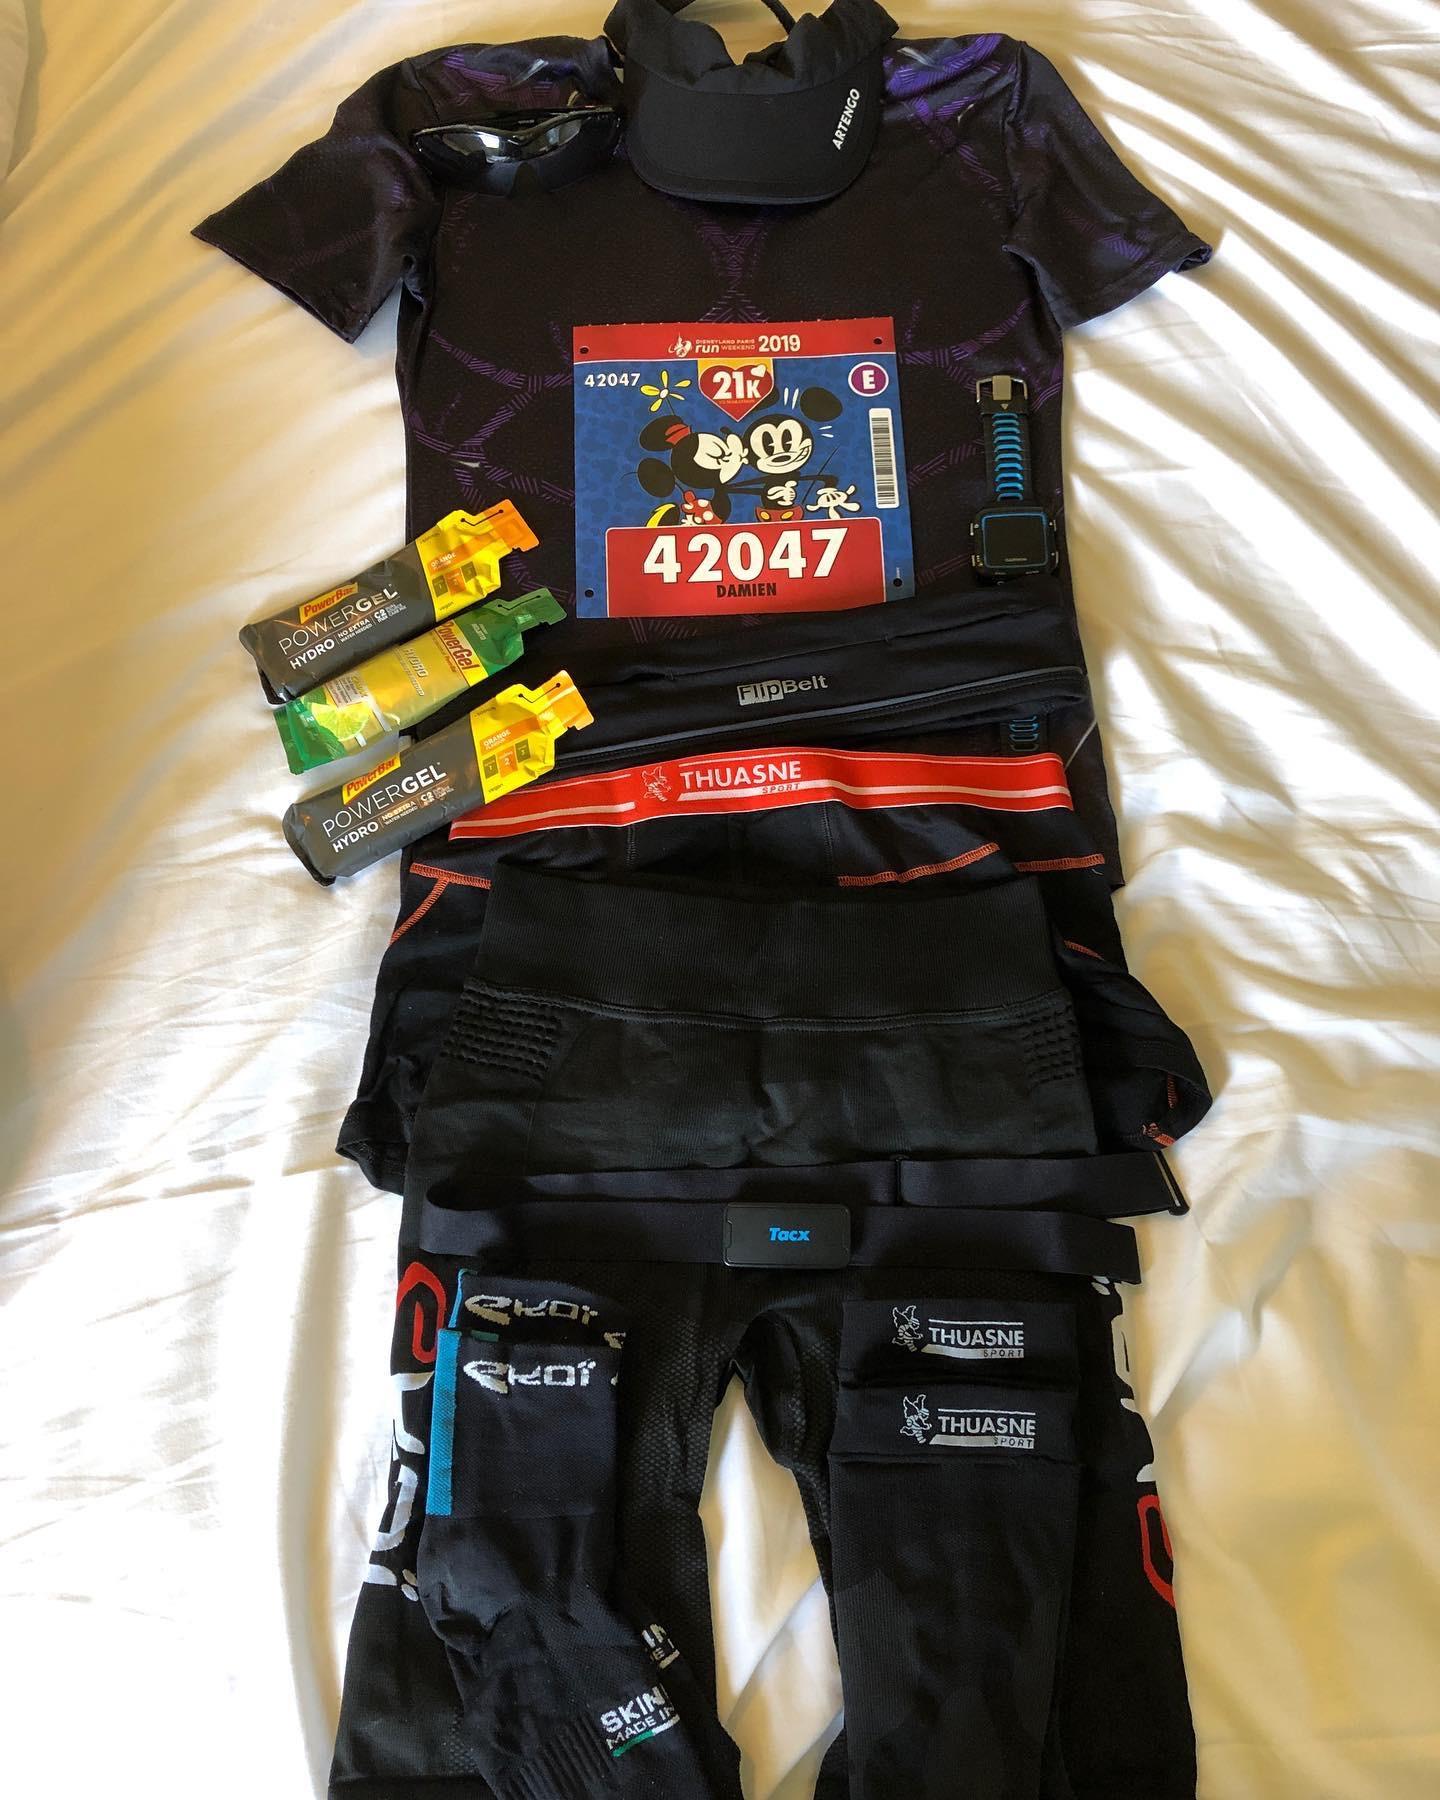 Semi-marathon 2019 de Run Disney